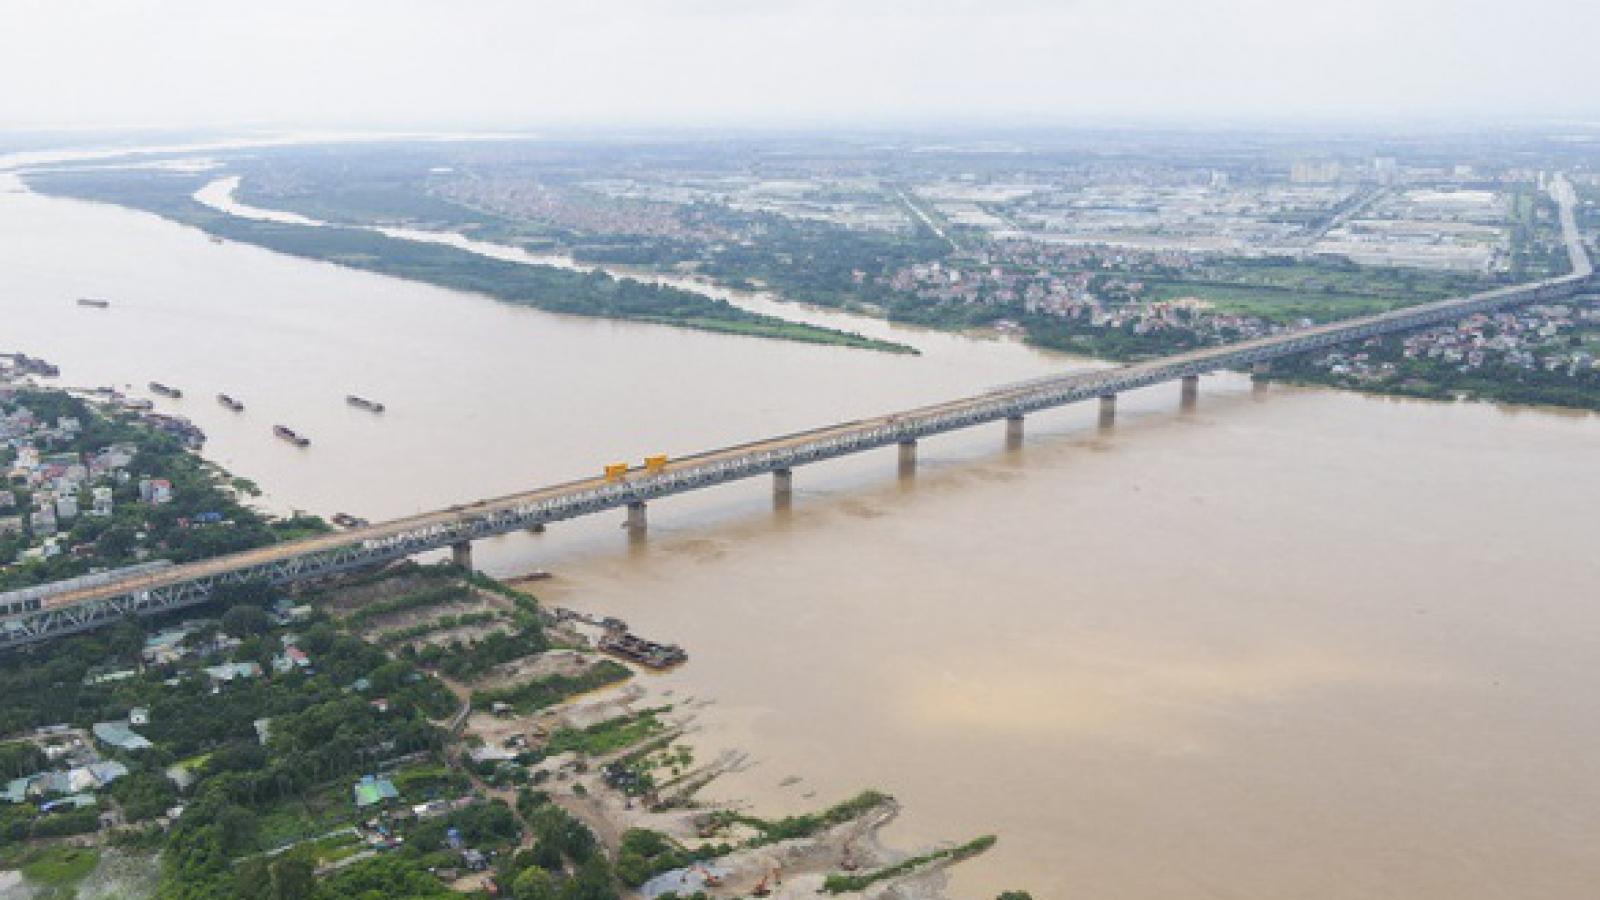 Đổ xô gom đất ven sông Hồng: Coi chừng lợi bất cập hại!